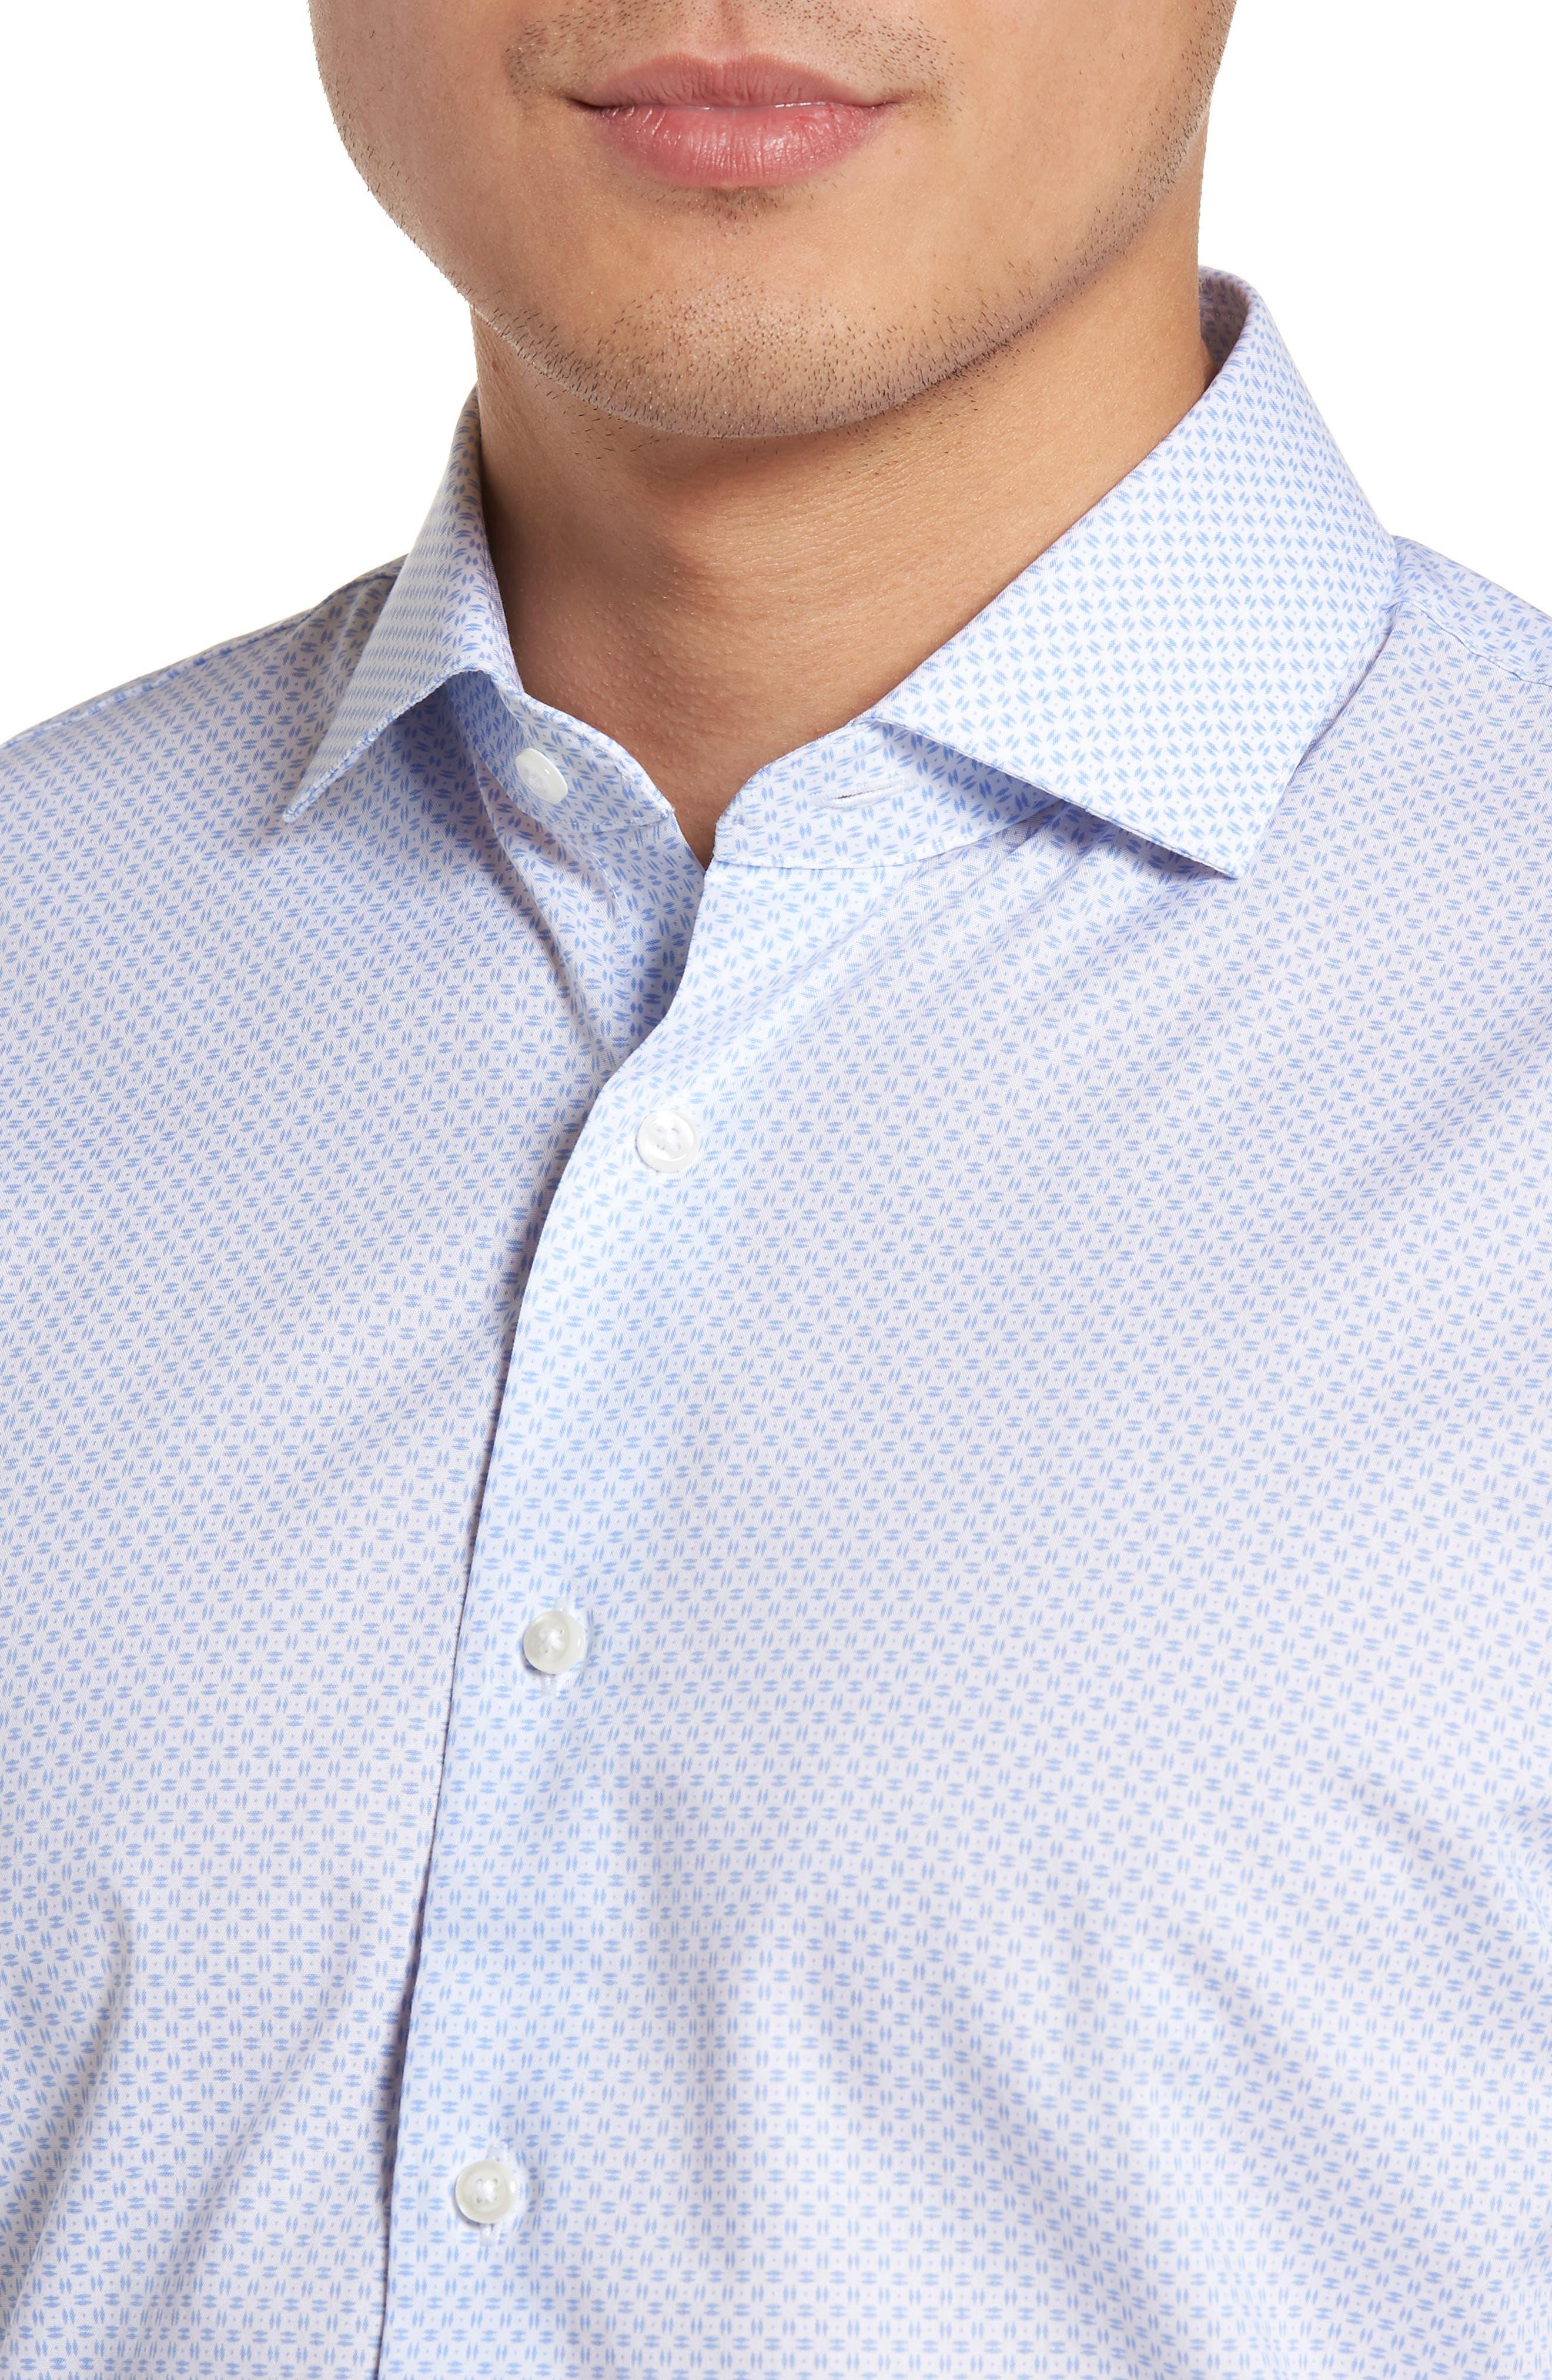 Trim Fit Dress Shirt,                             Alternate thumbnail 2, color,                             100